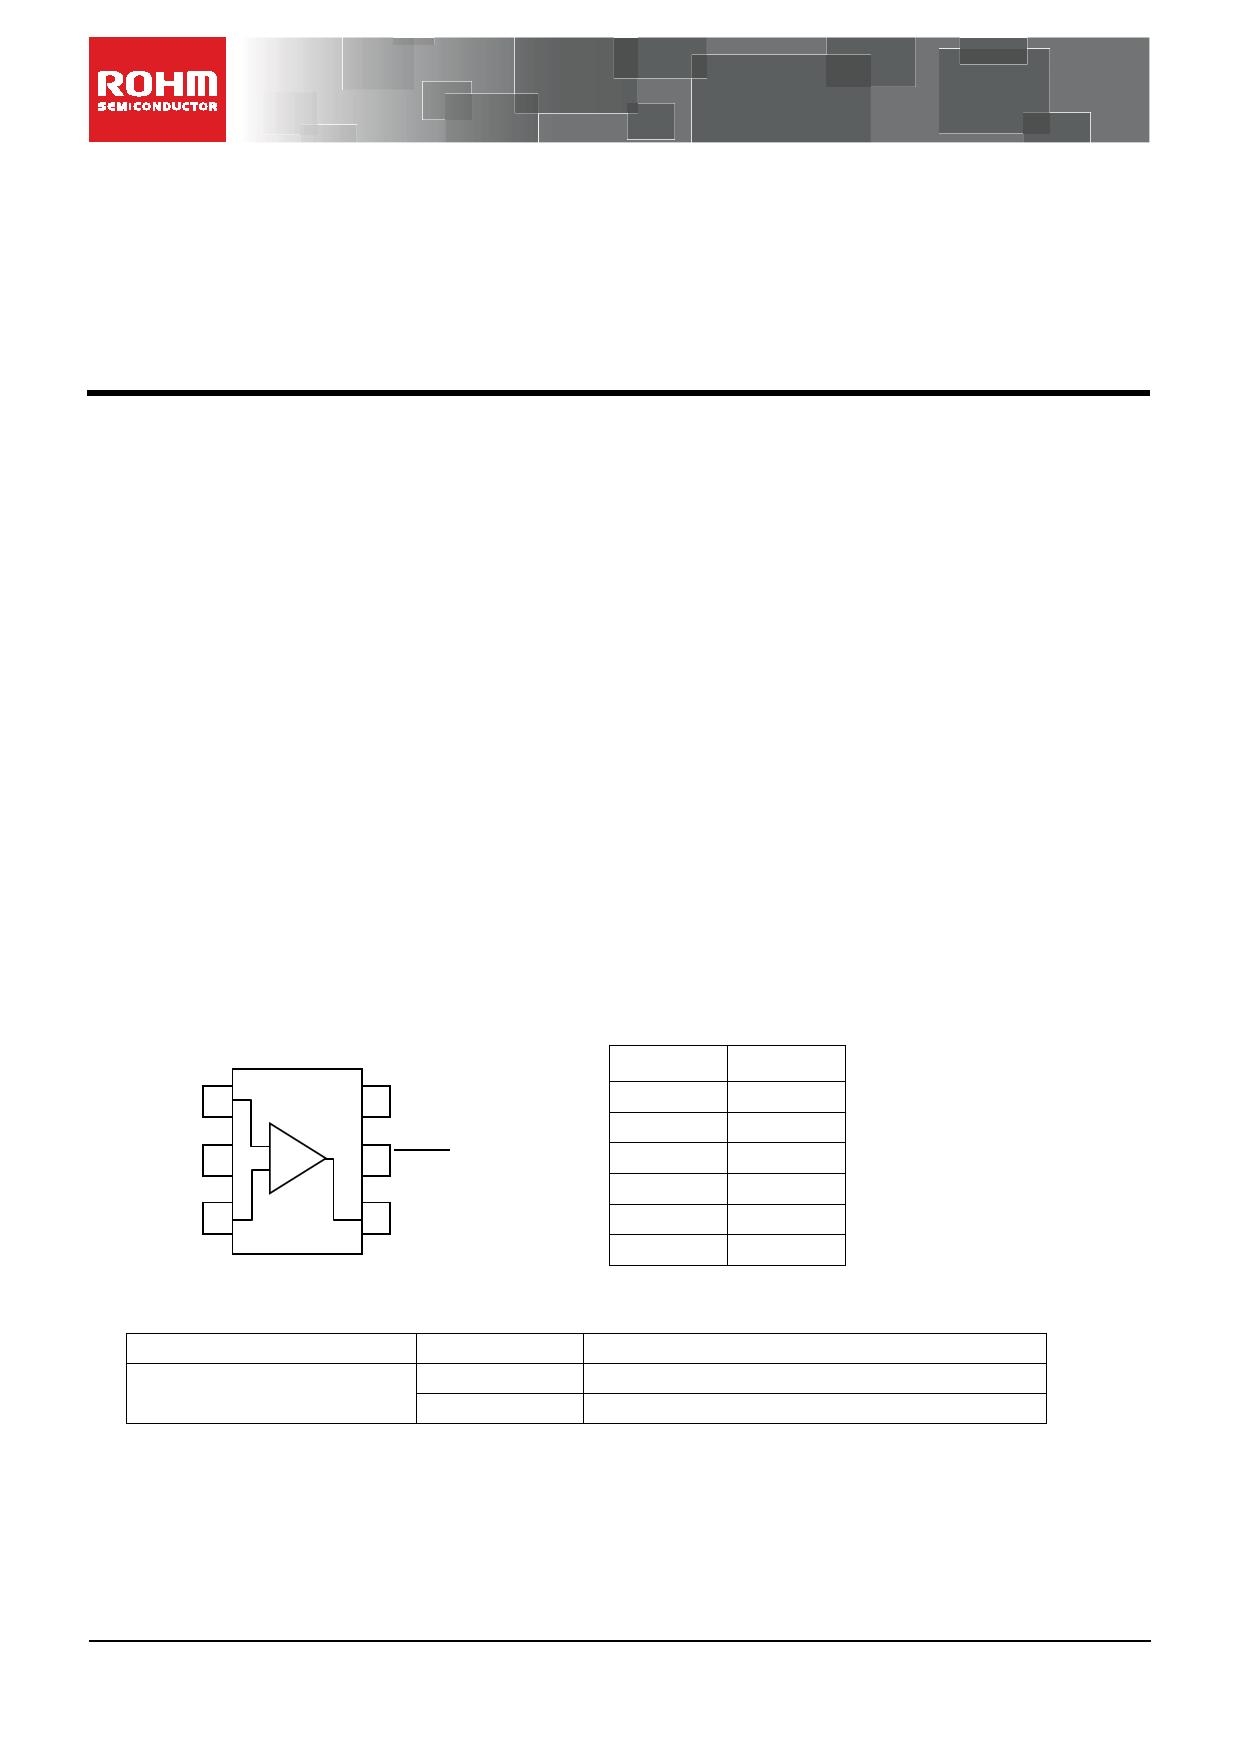 TLR341G datasheet, circuit